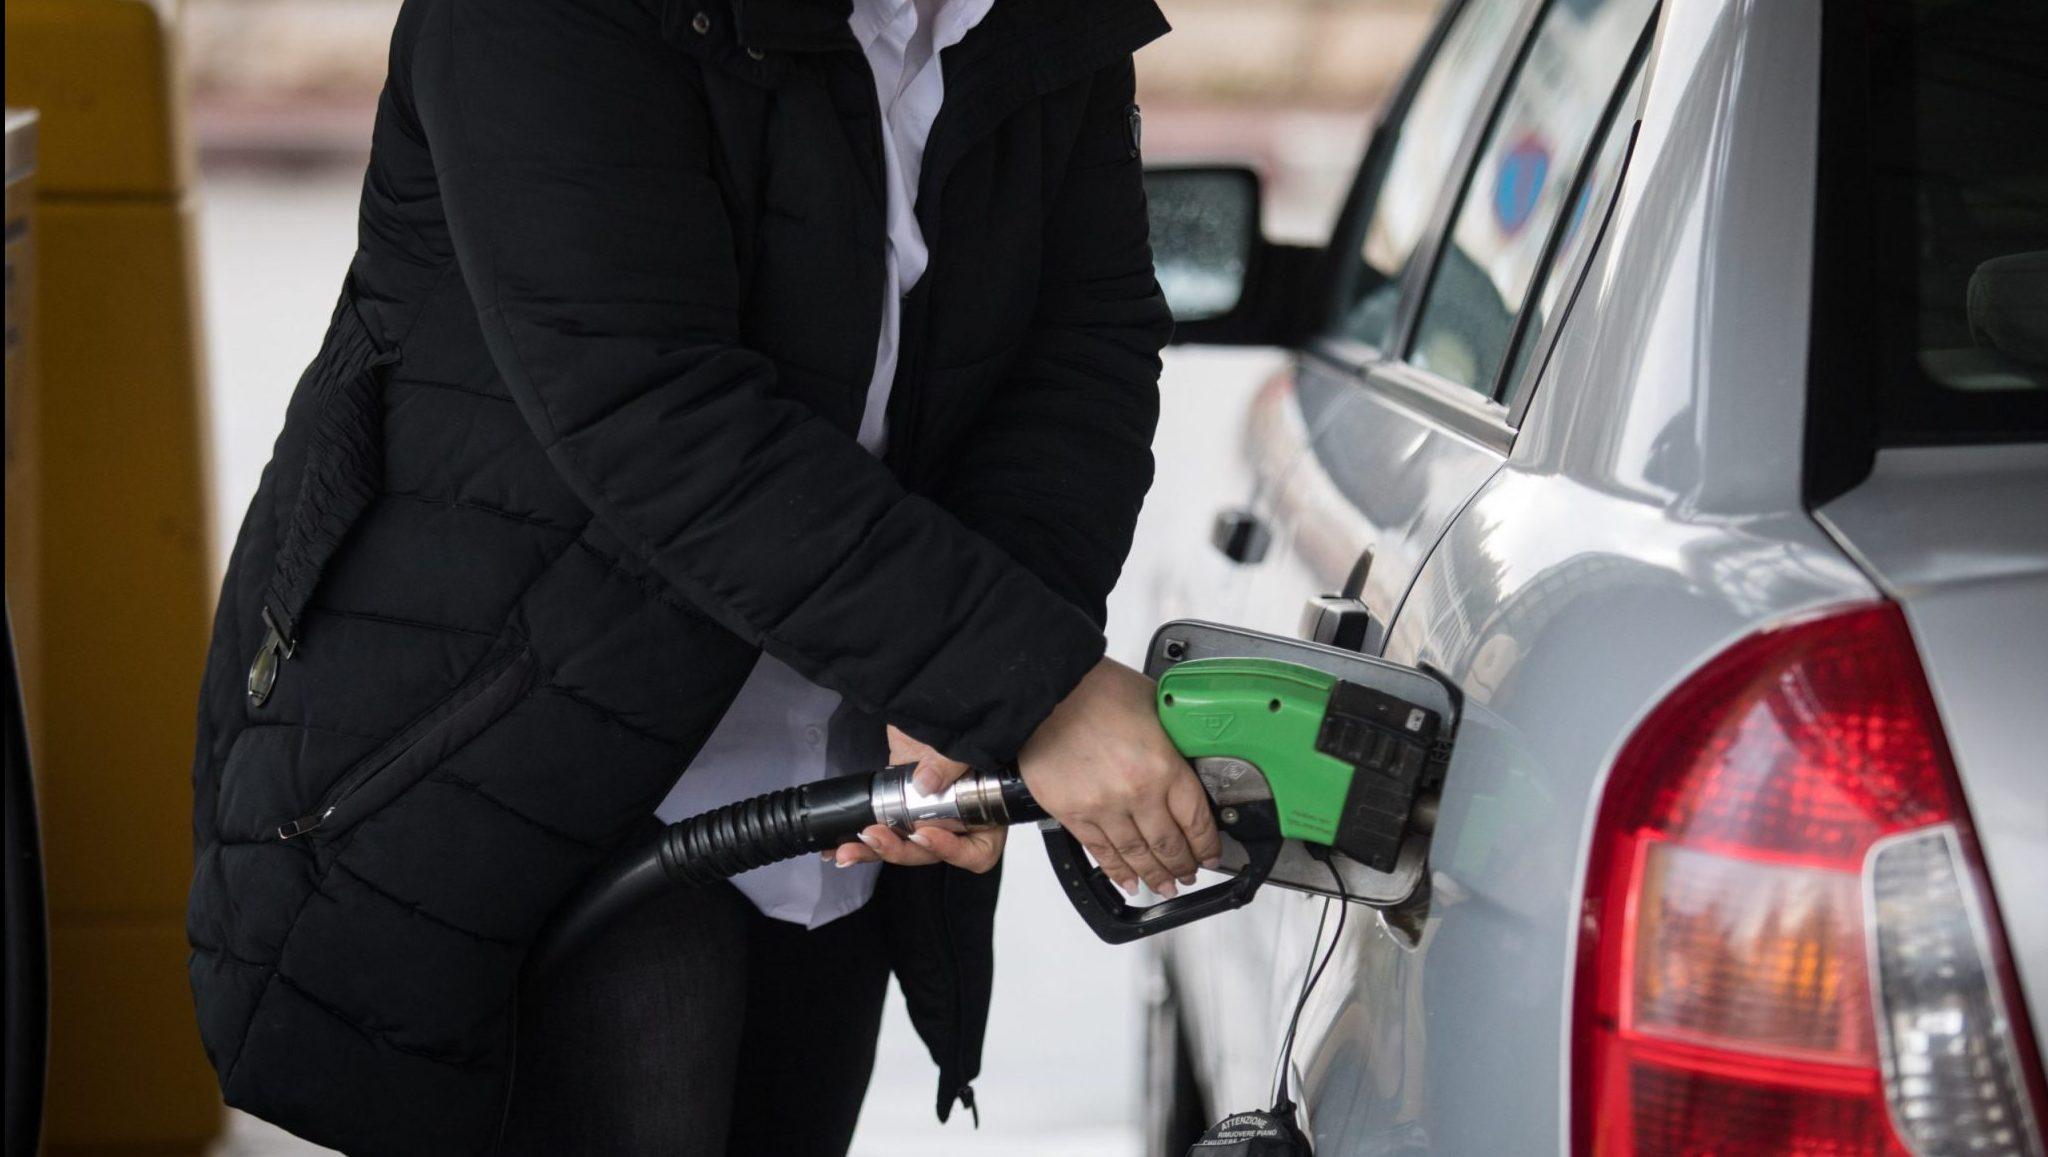 עלייה נוספת במחיר הדלק: התייקר הלילה ב-27 אגורות